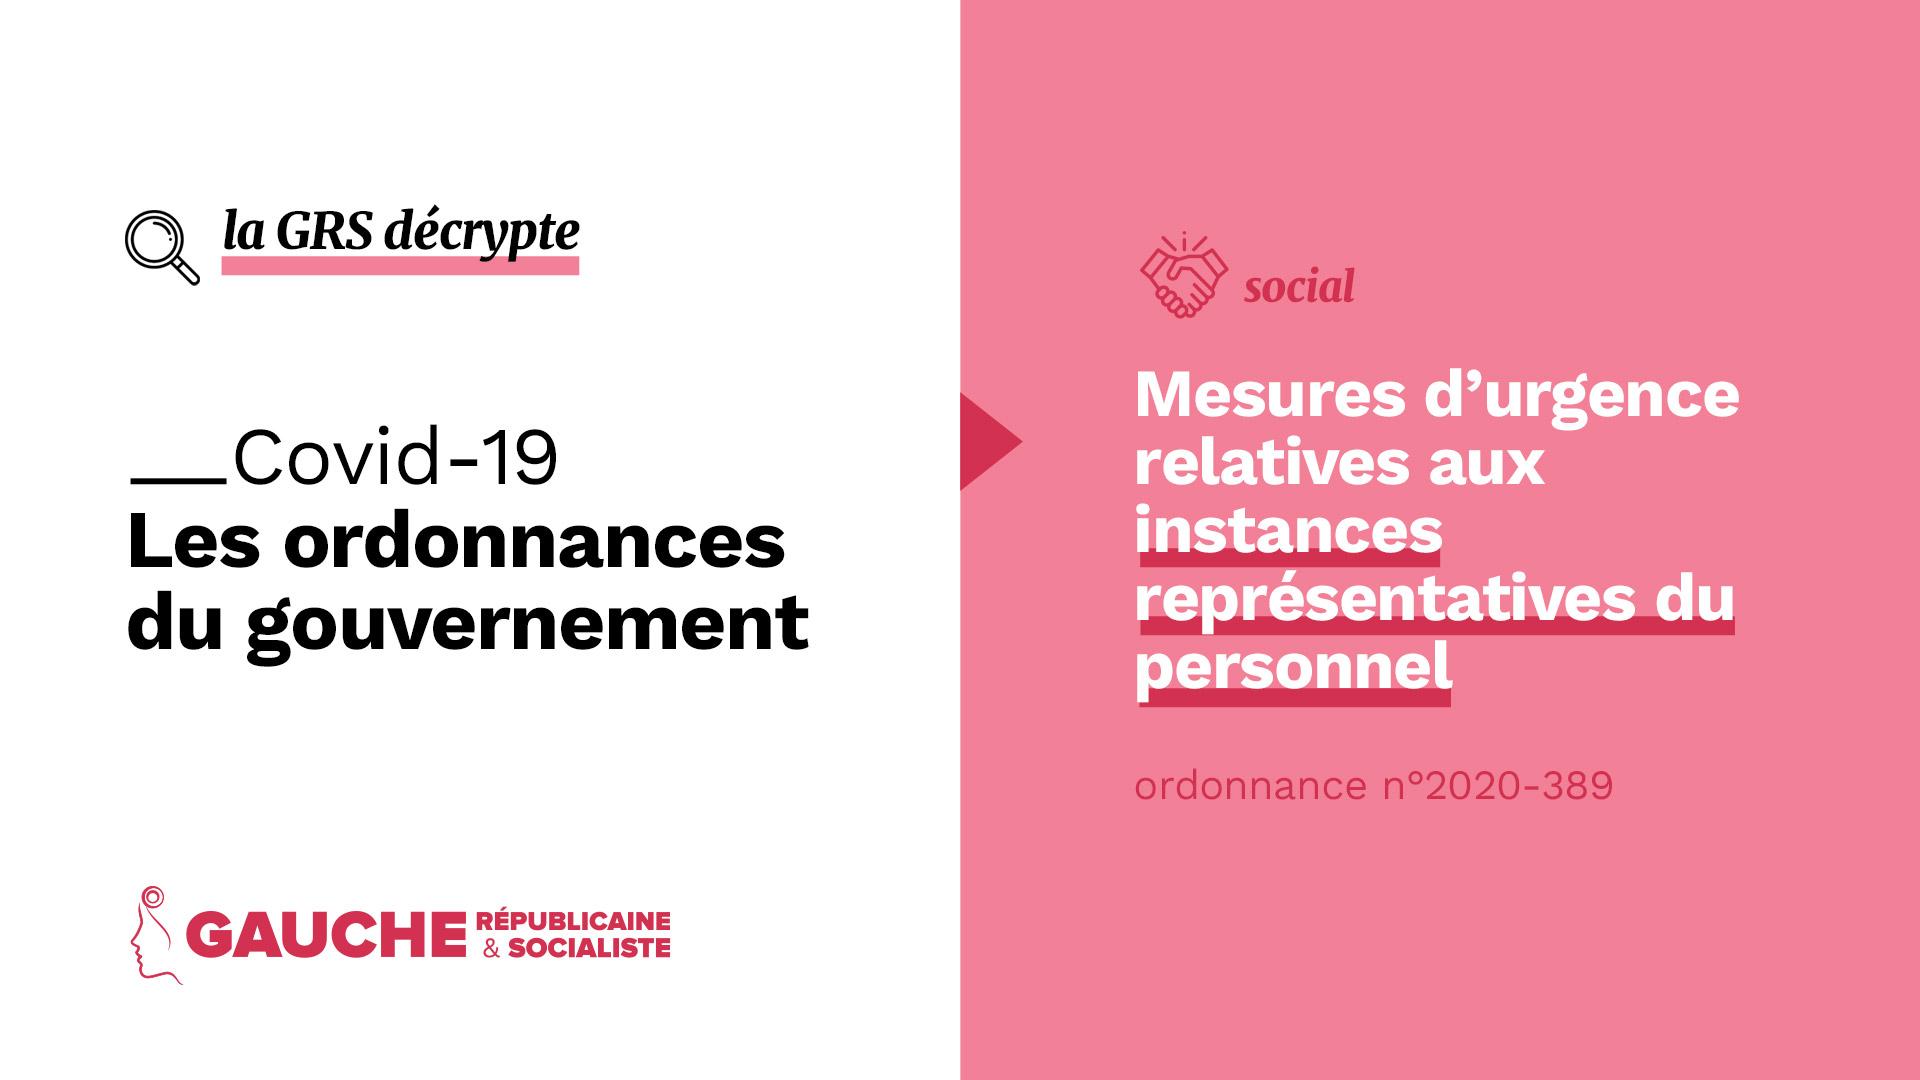 Ordonnance n° 2020-389 du 1er avril 2020 portant mesures d'urgence relatives aux instances représentatives du personnel